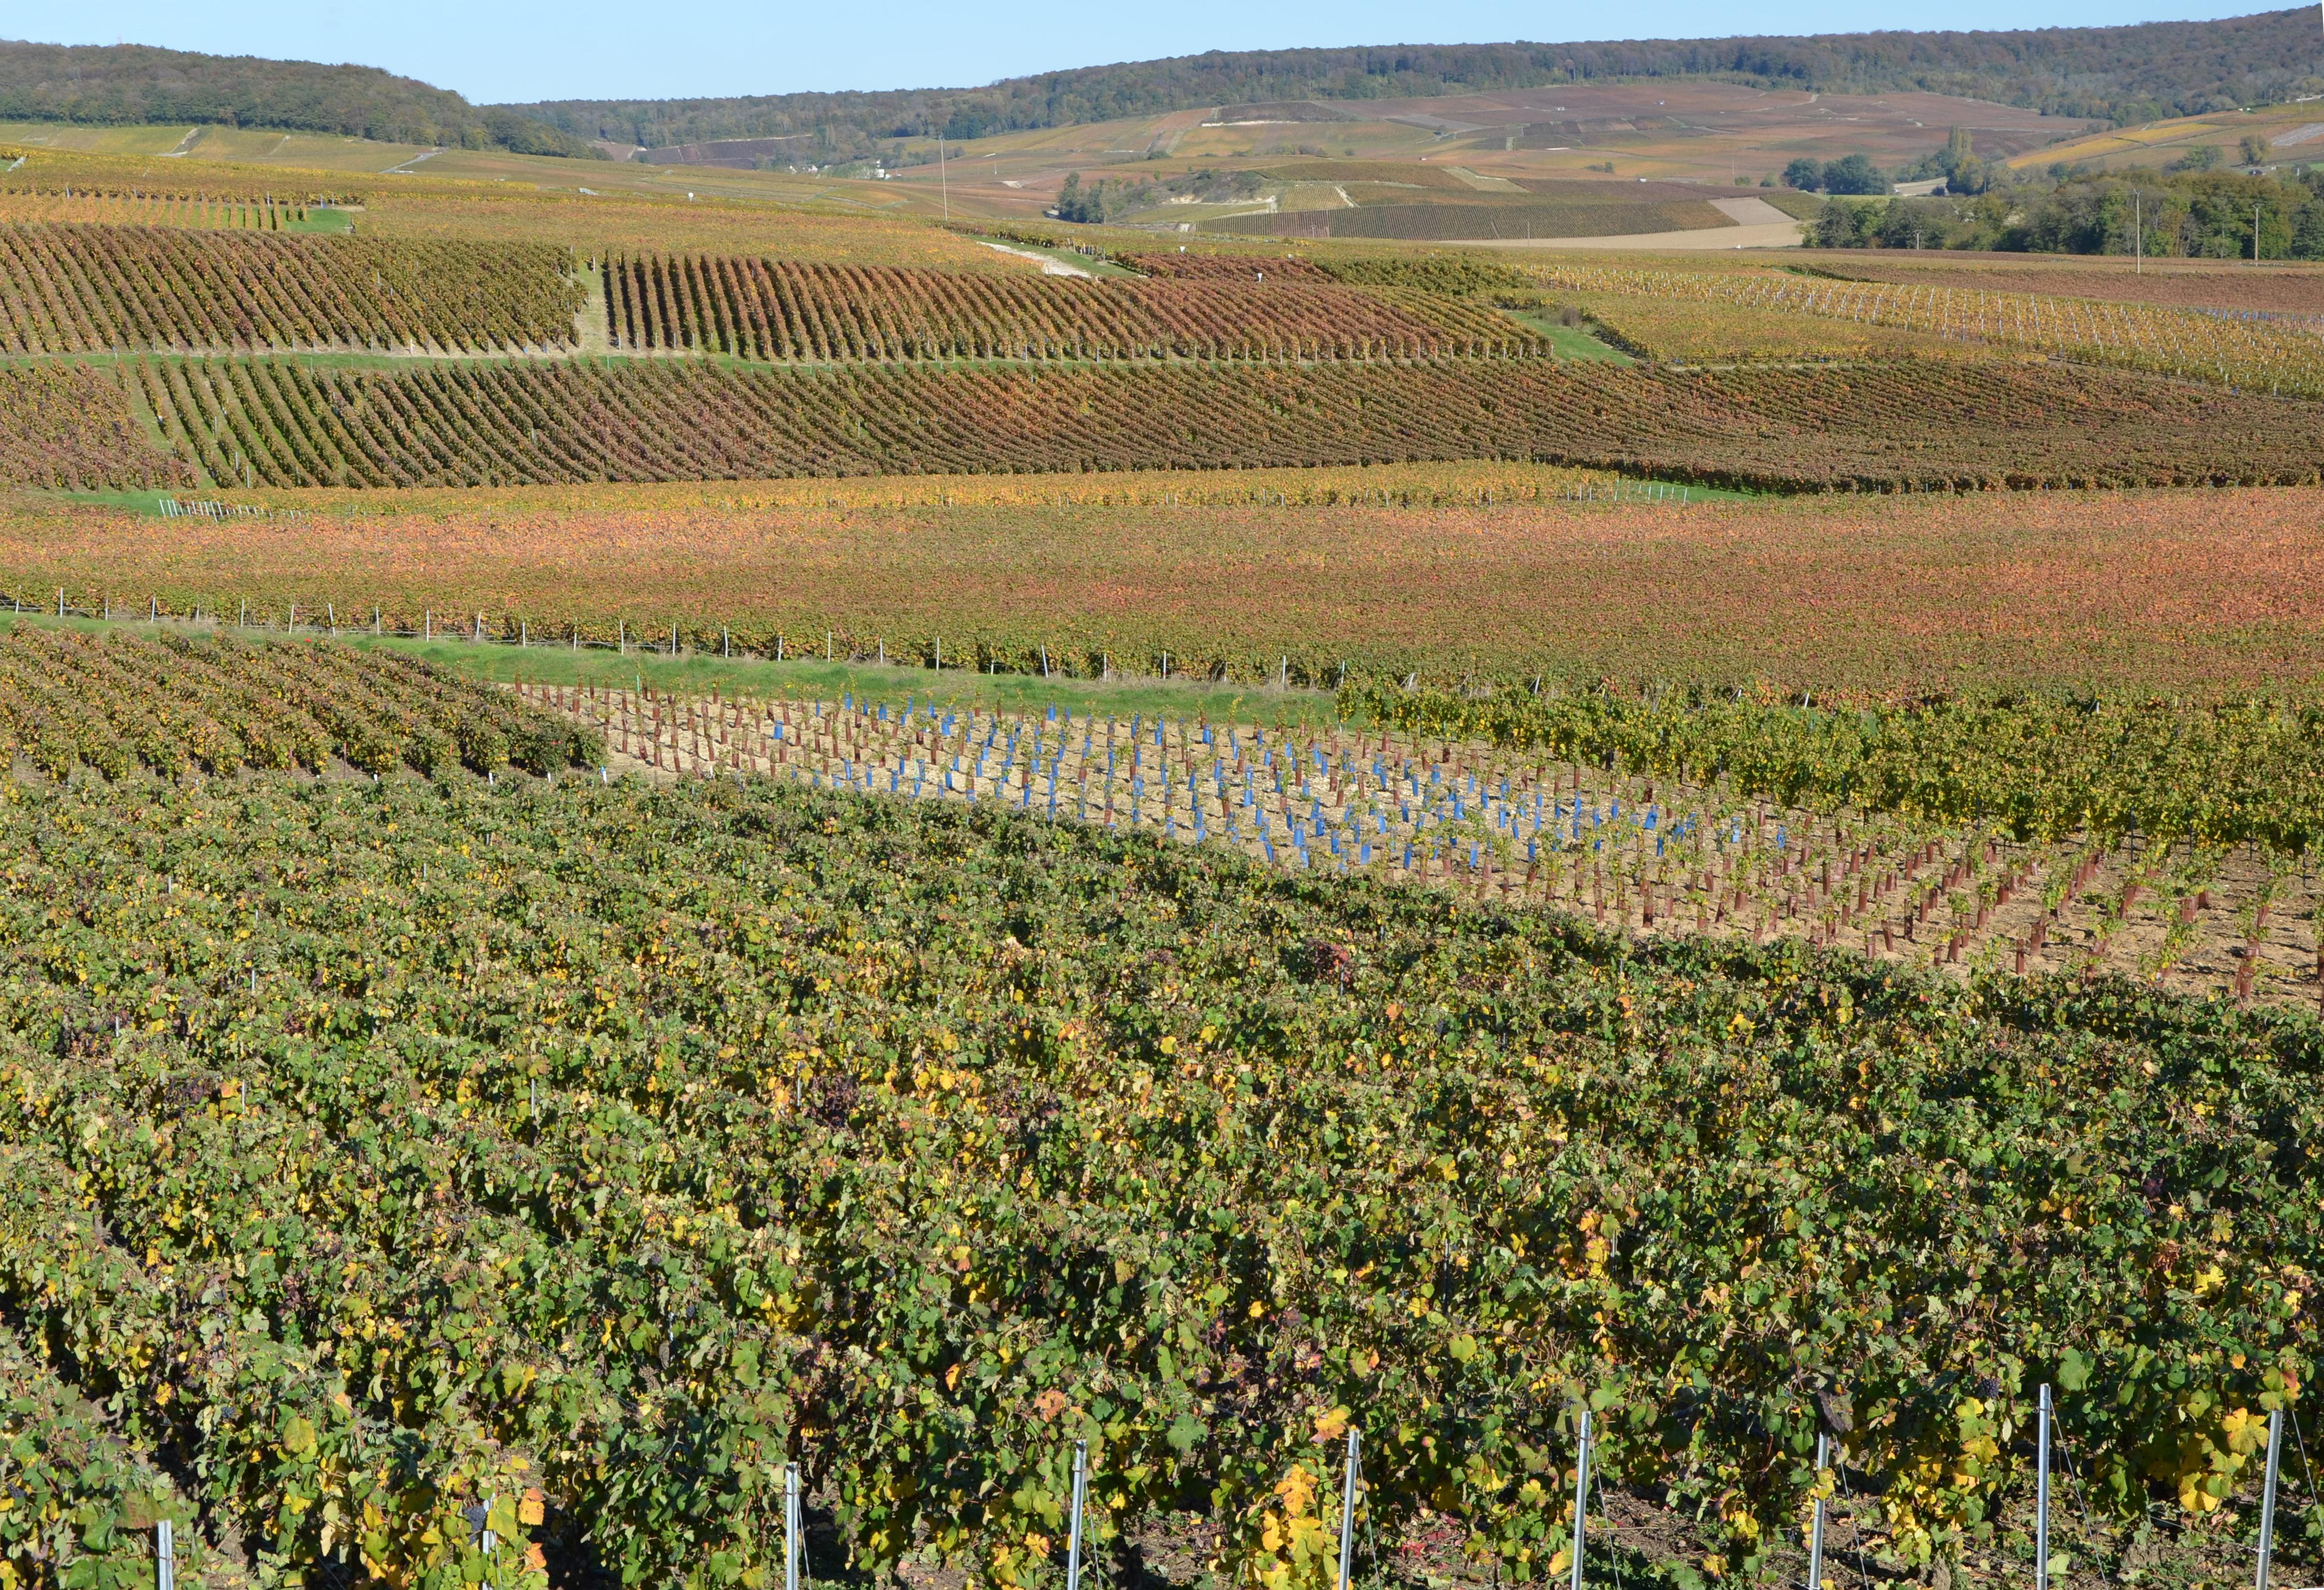 :vignoble-de-chagne-pres-de-fleury-la-riviere-dans-la-montagne-de